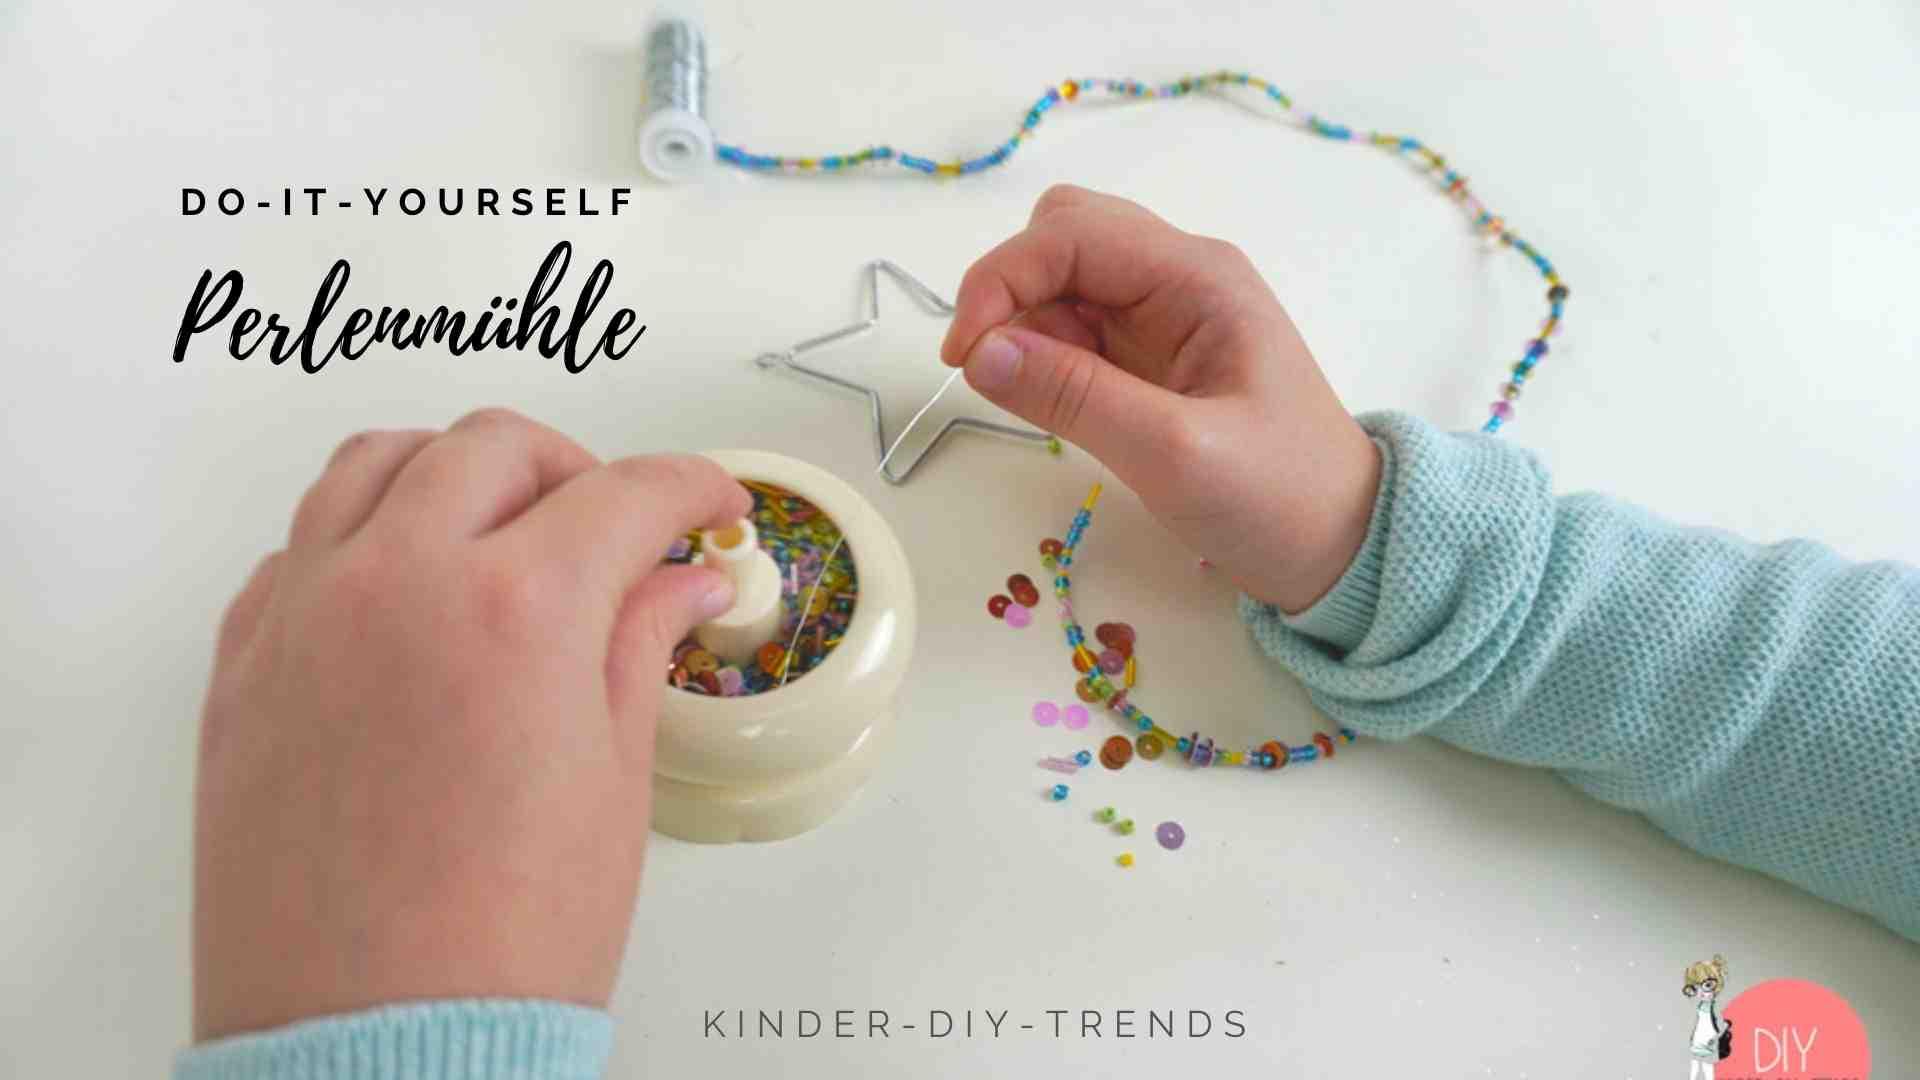 Kreative Geschenkideen für Kinder: Perlenmühle für Perlen Bastelideen